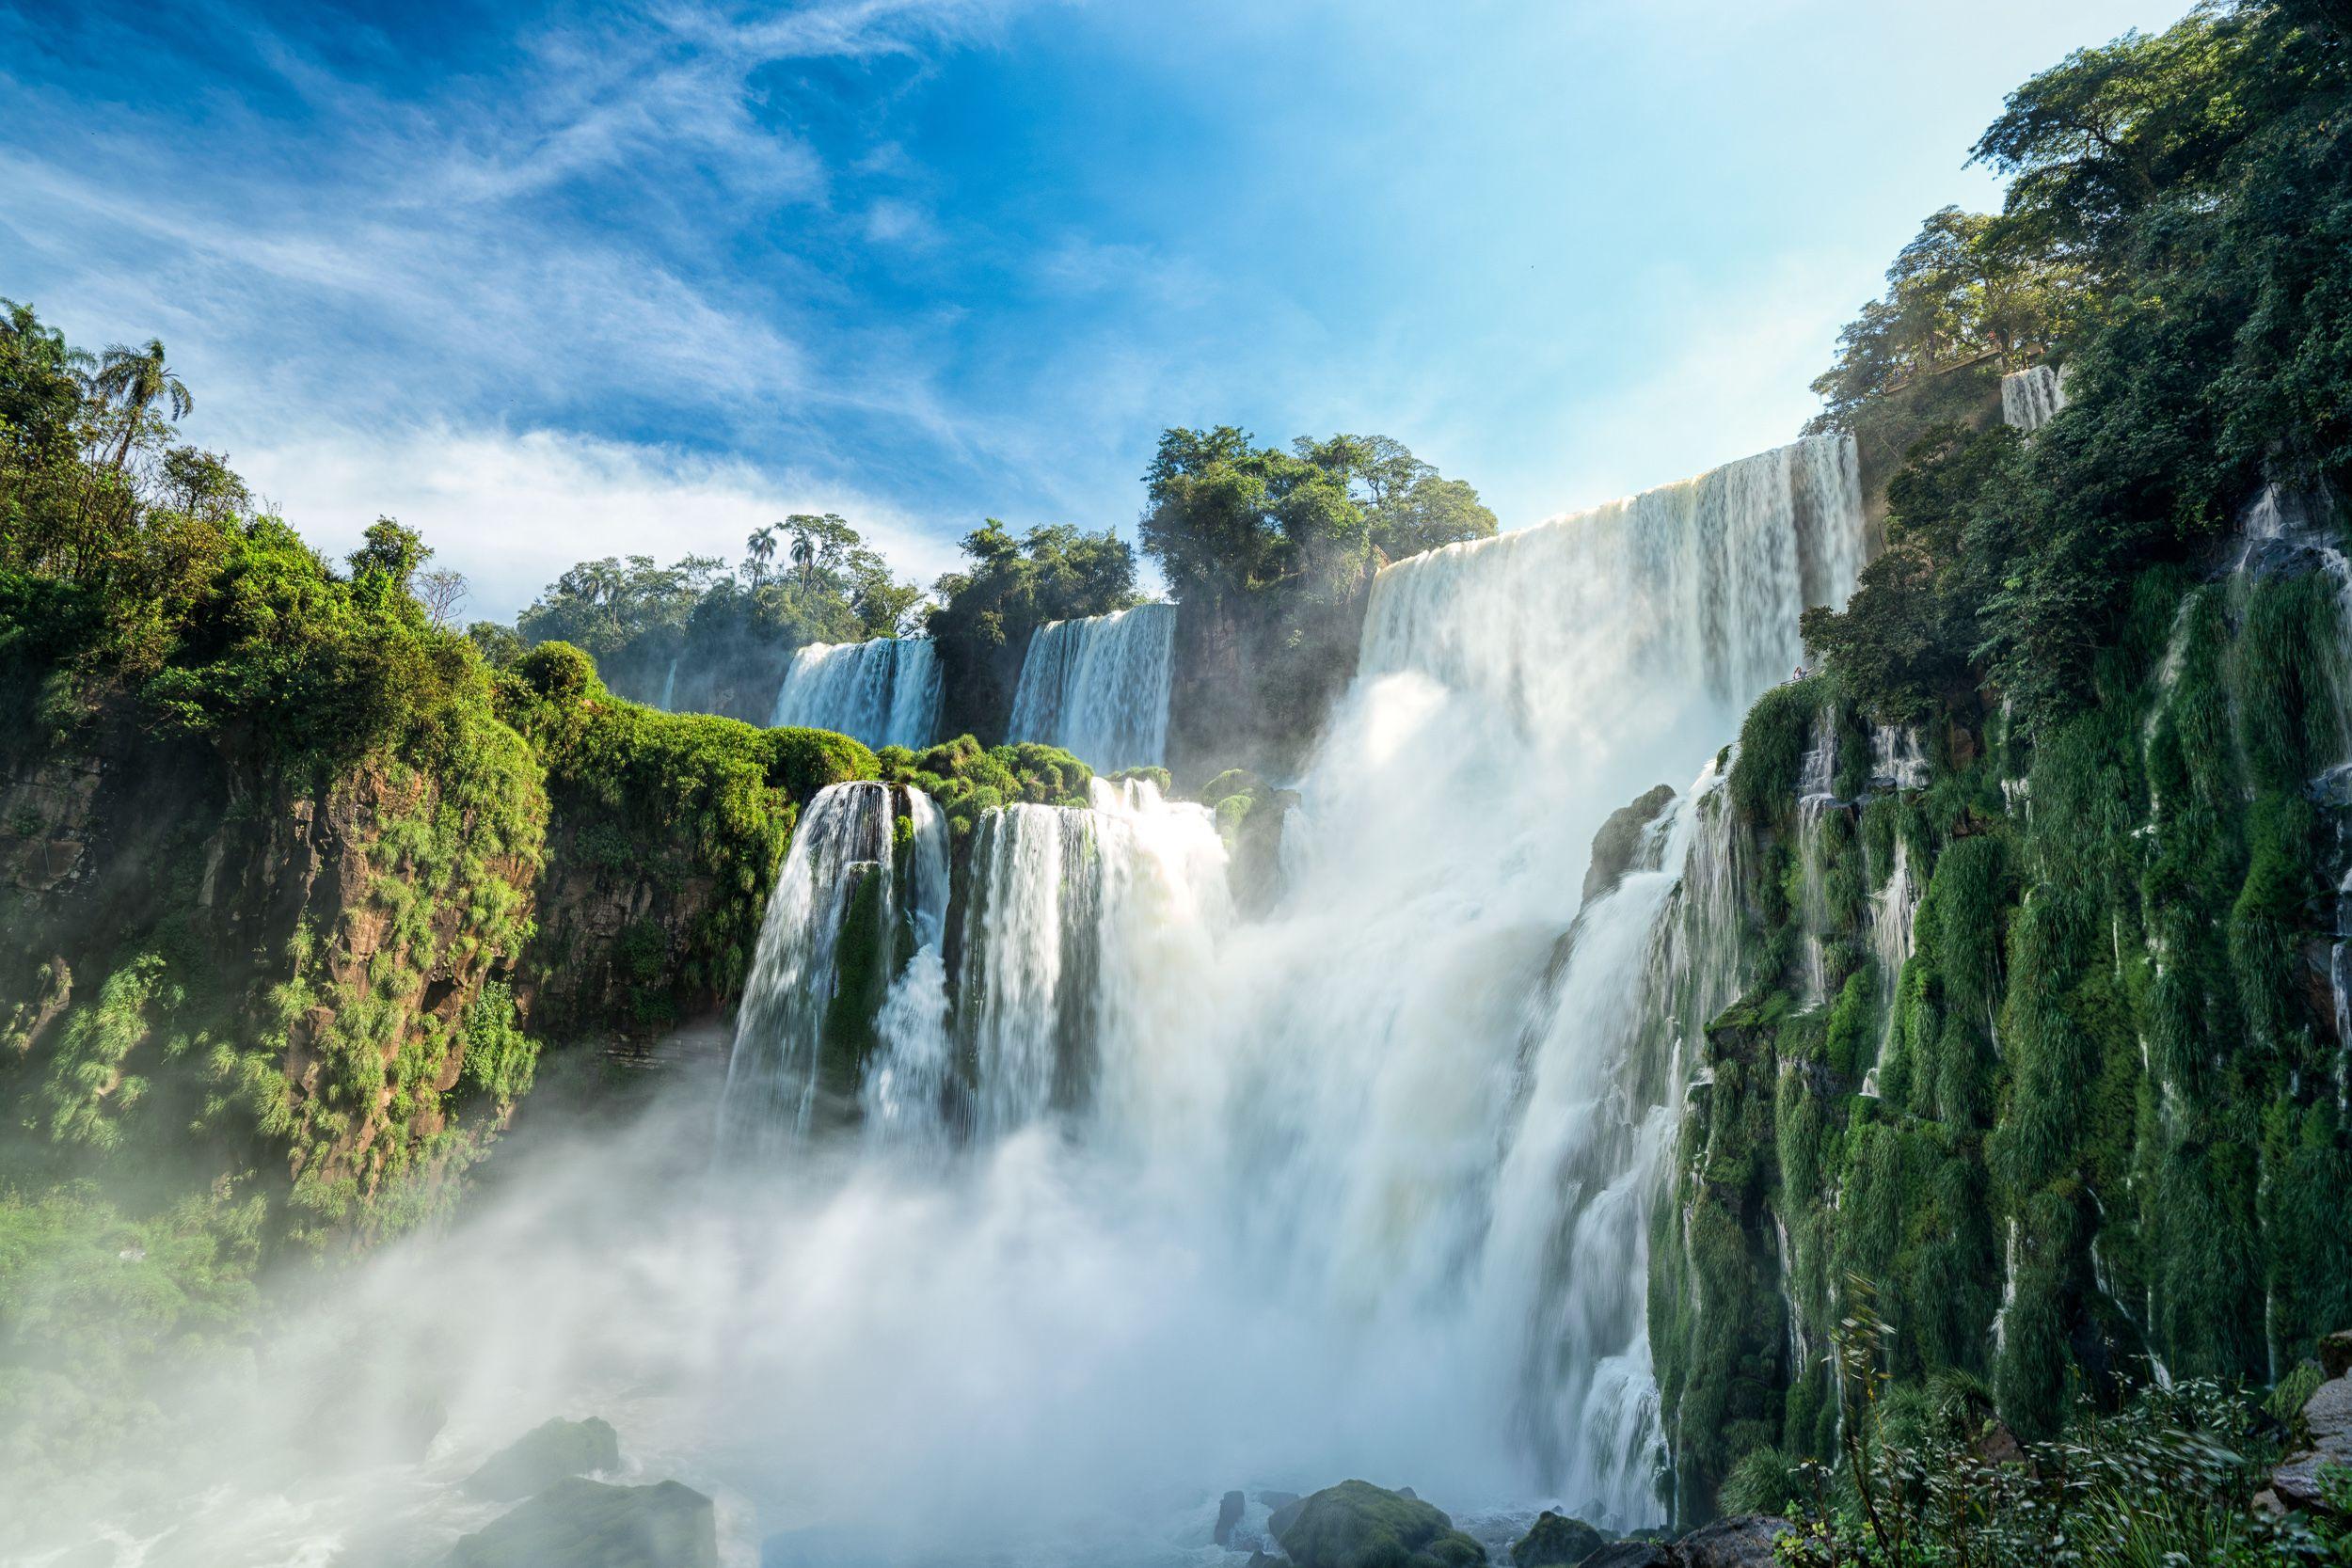 Det enestående vandfald Iguazu på grænsen mellem Brasilien og Argentina